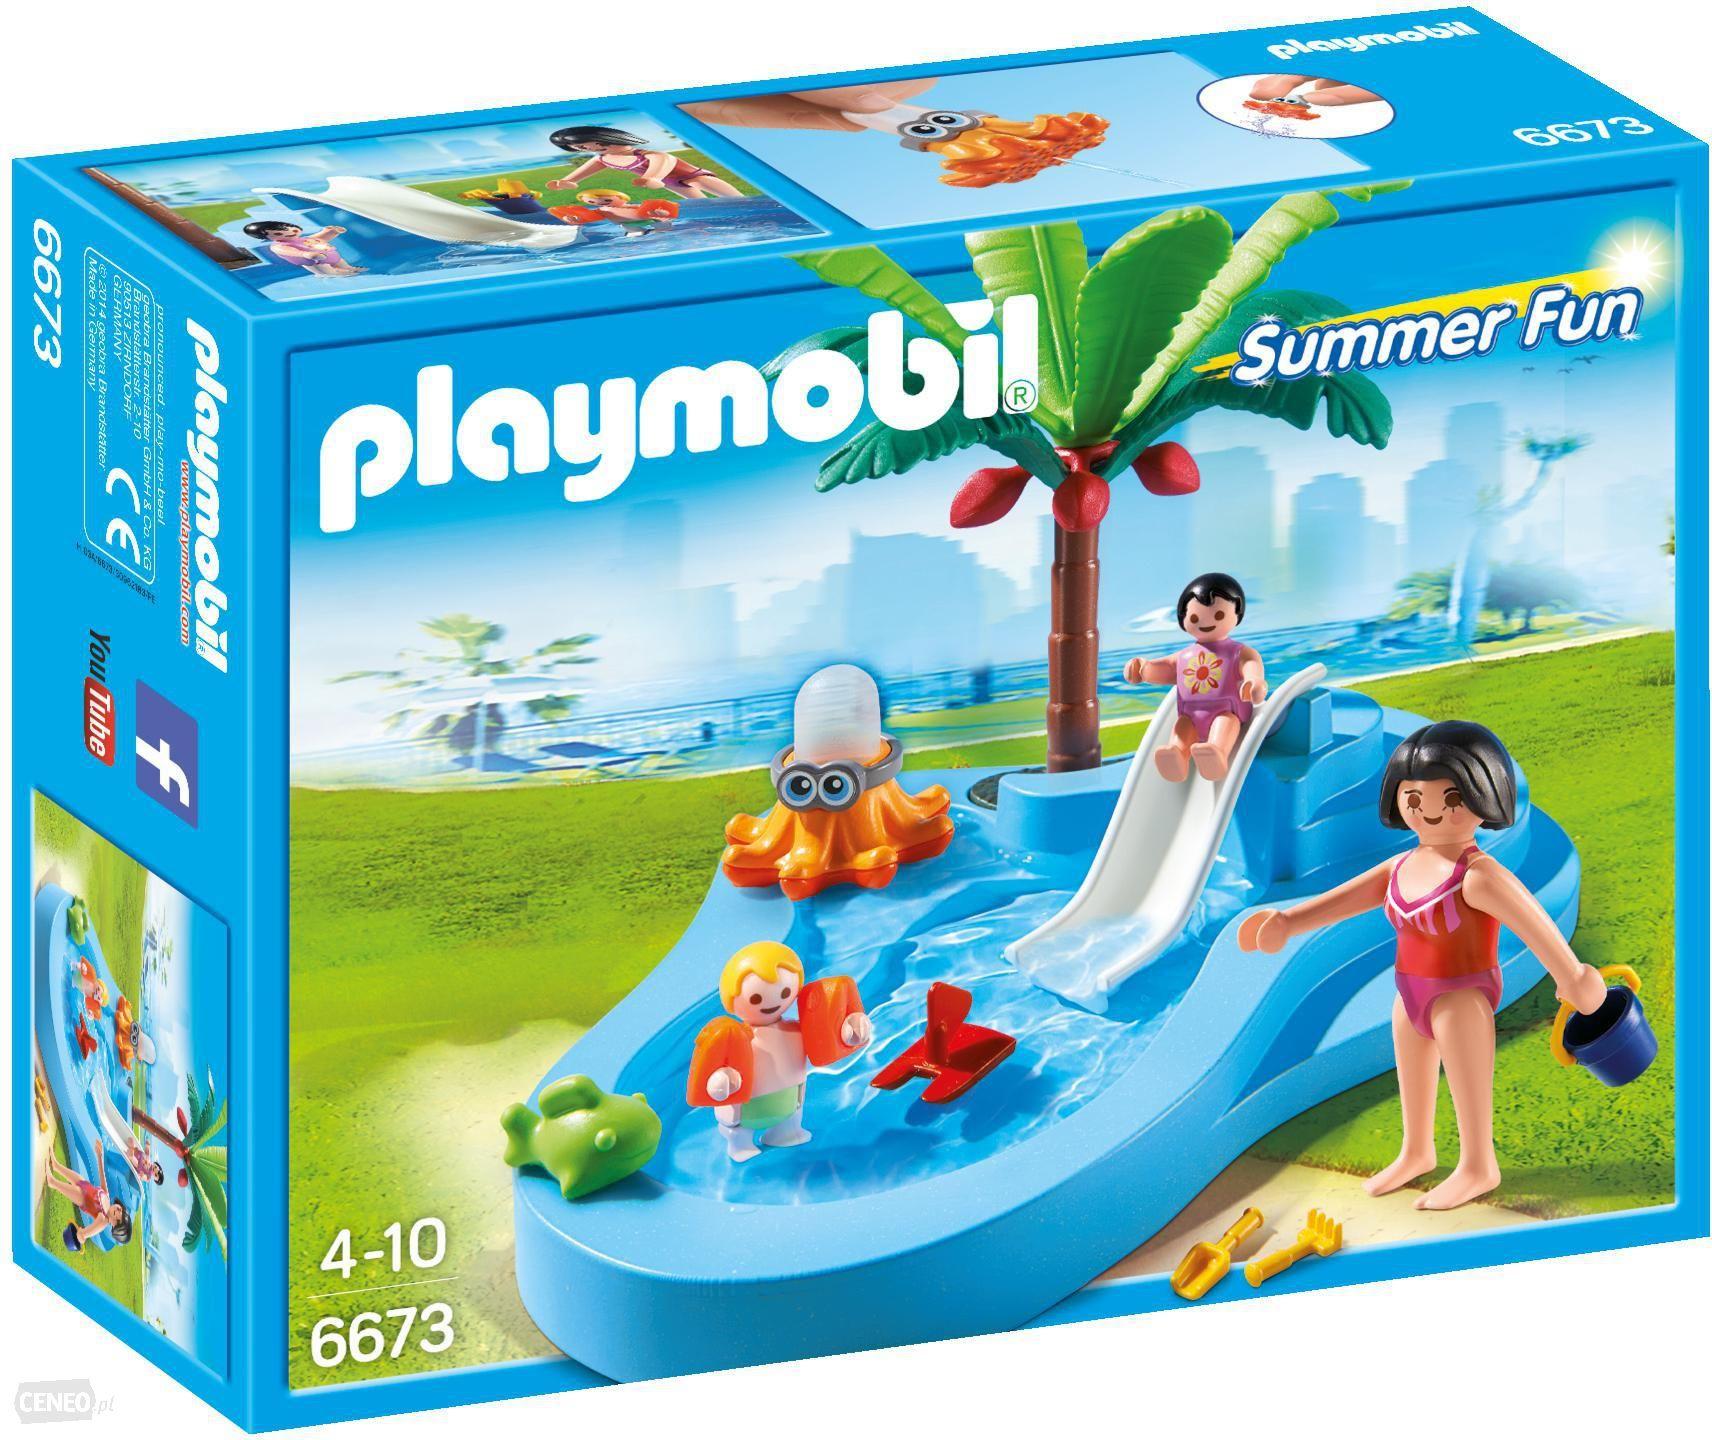 playmobil 6673